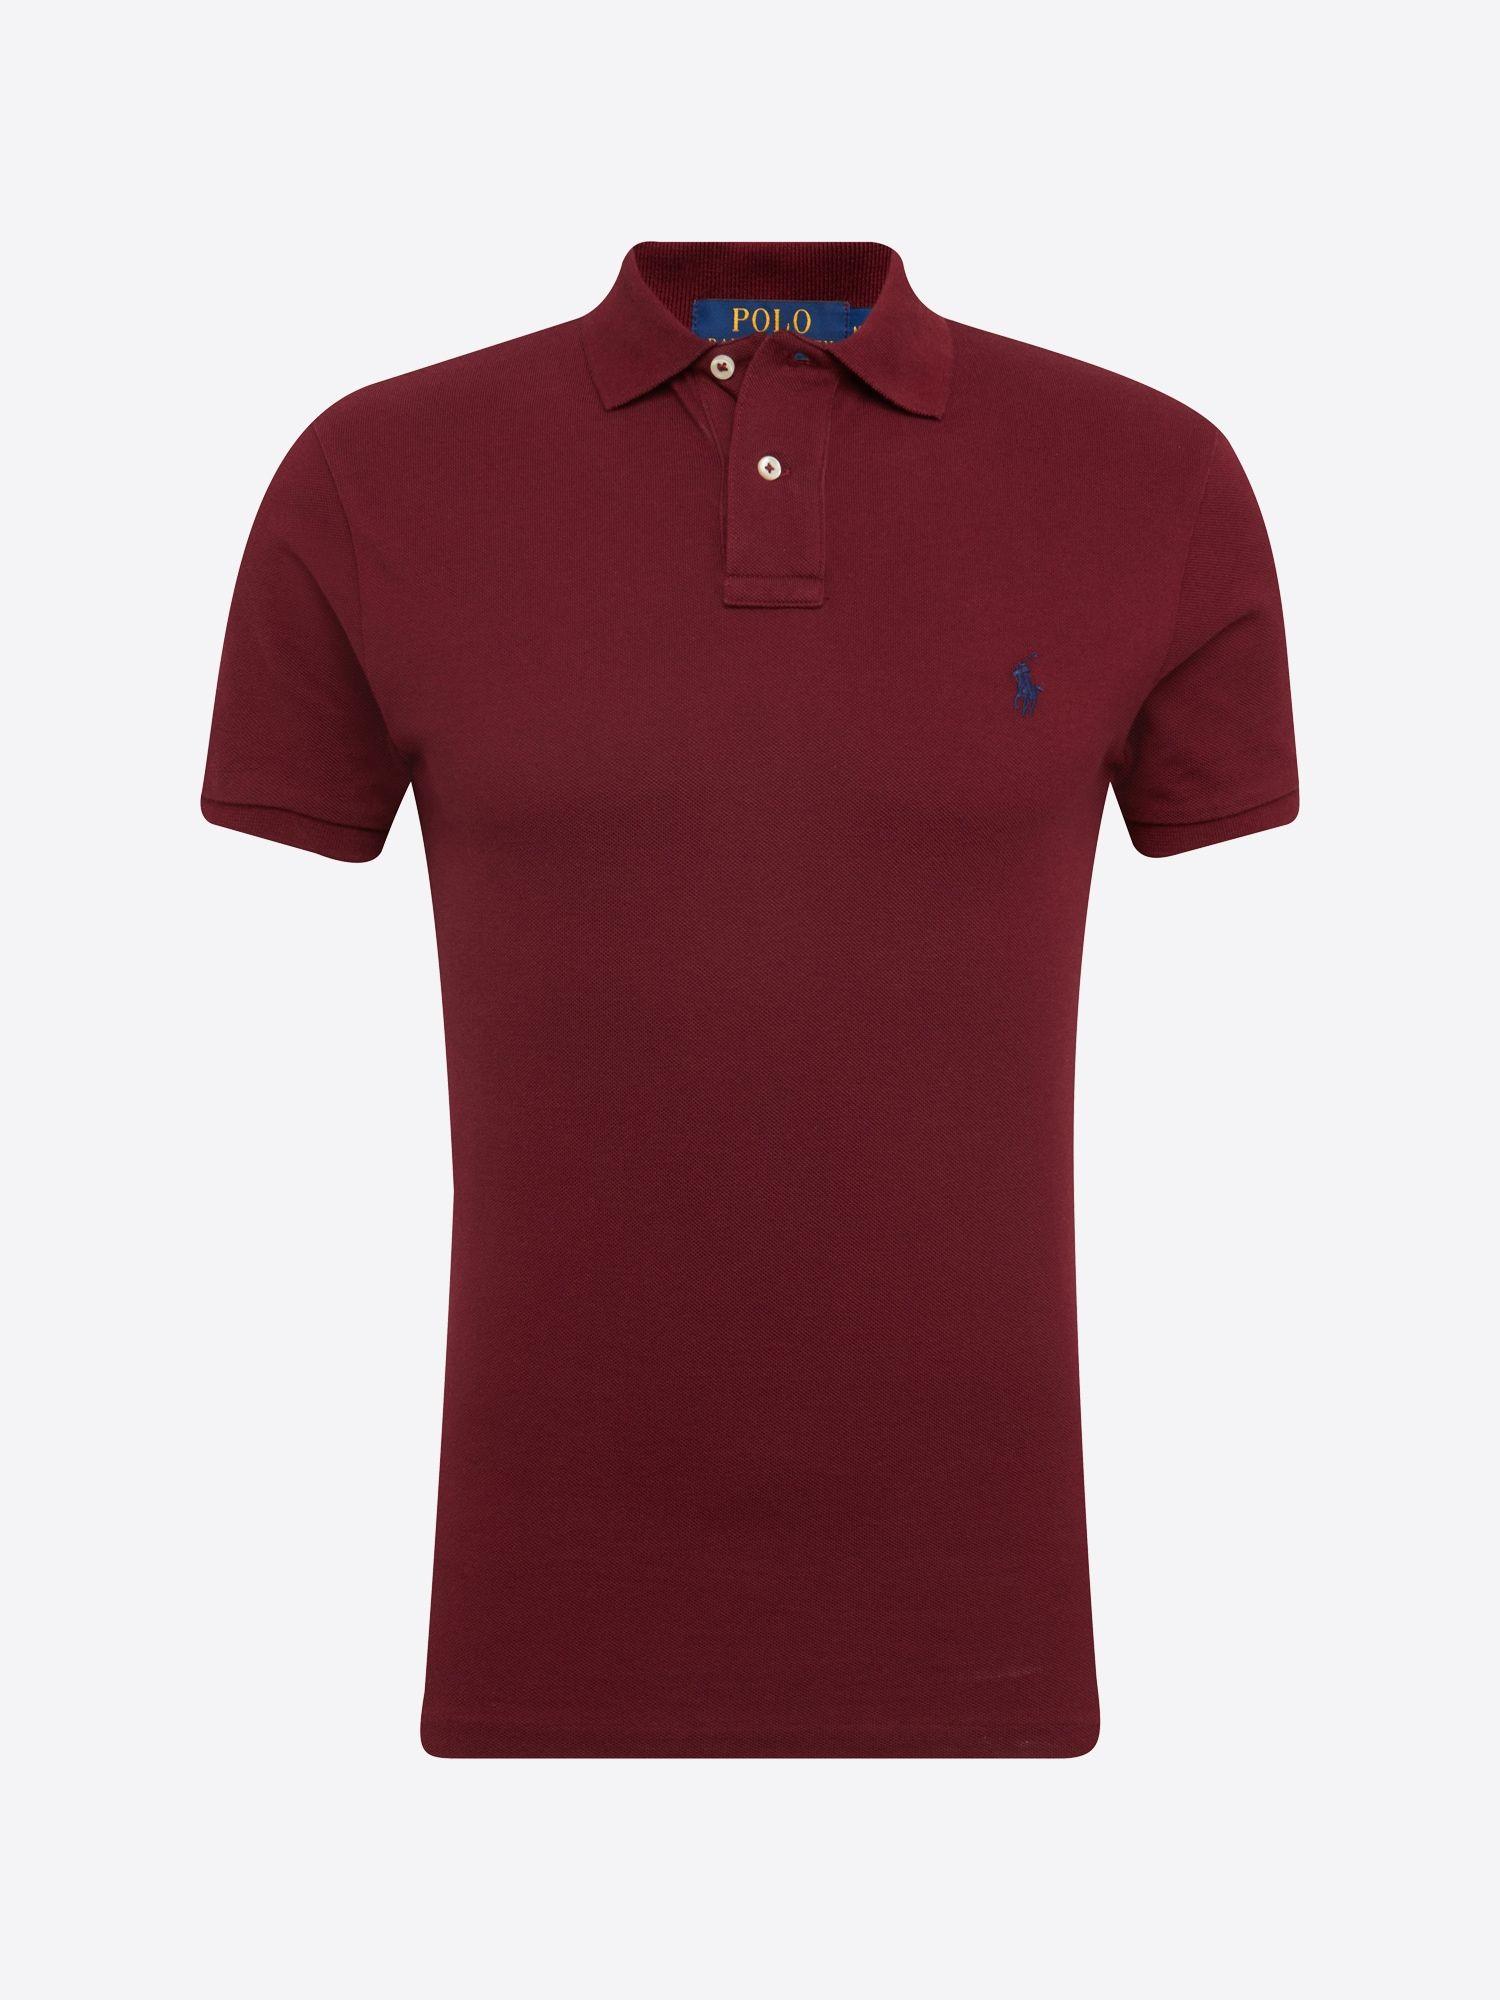 Polo Ralph Lauren Poloshirt Sskcslm1 Short Sleeve Knit Herren Weinrot Grosse Xl Ralph Lauren Poloshirt Shirts Polo Ralph Lauren